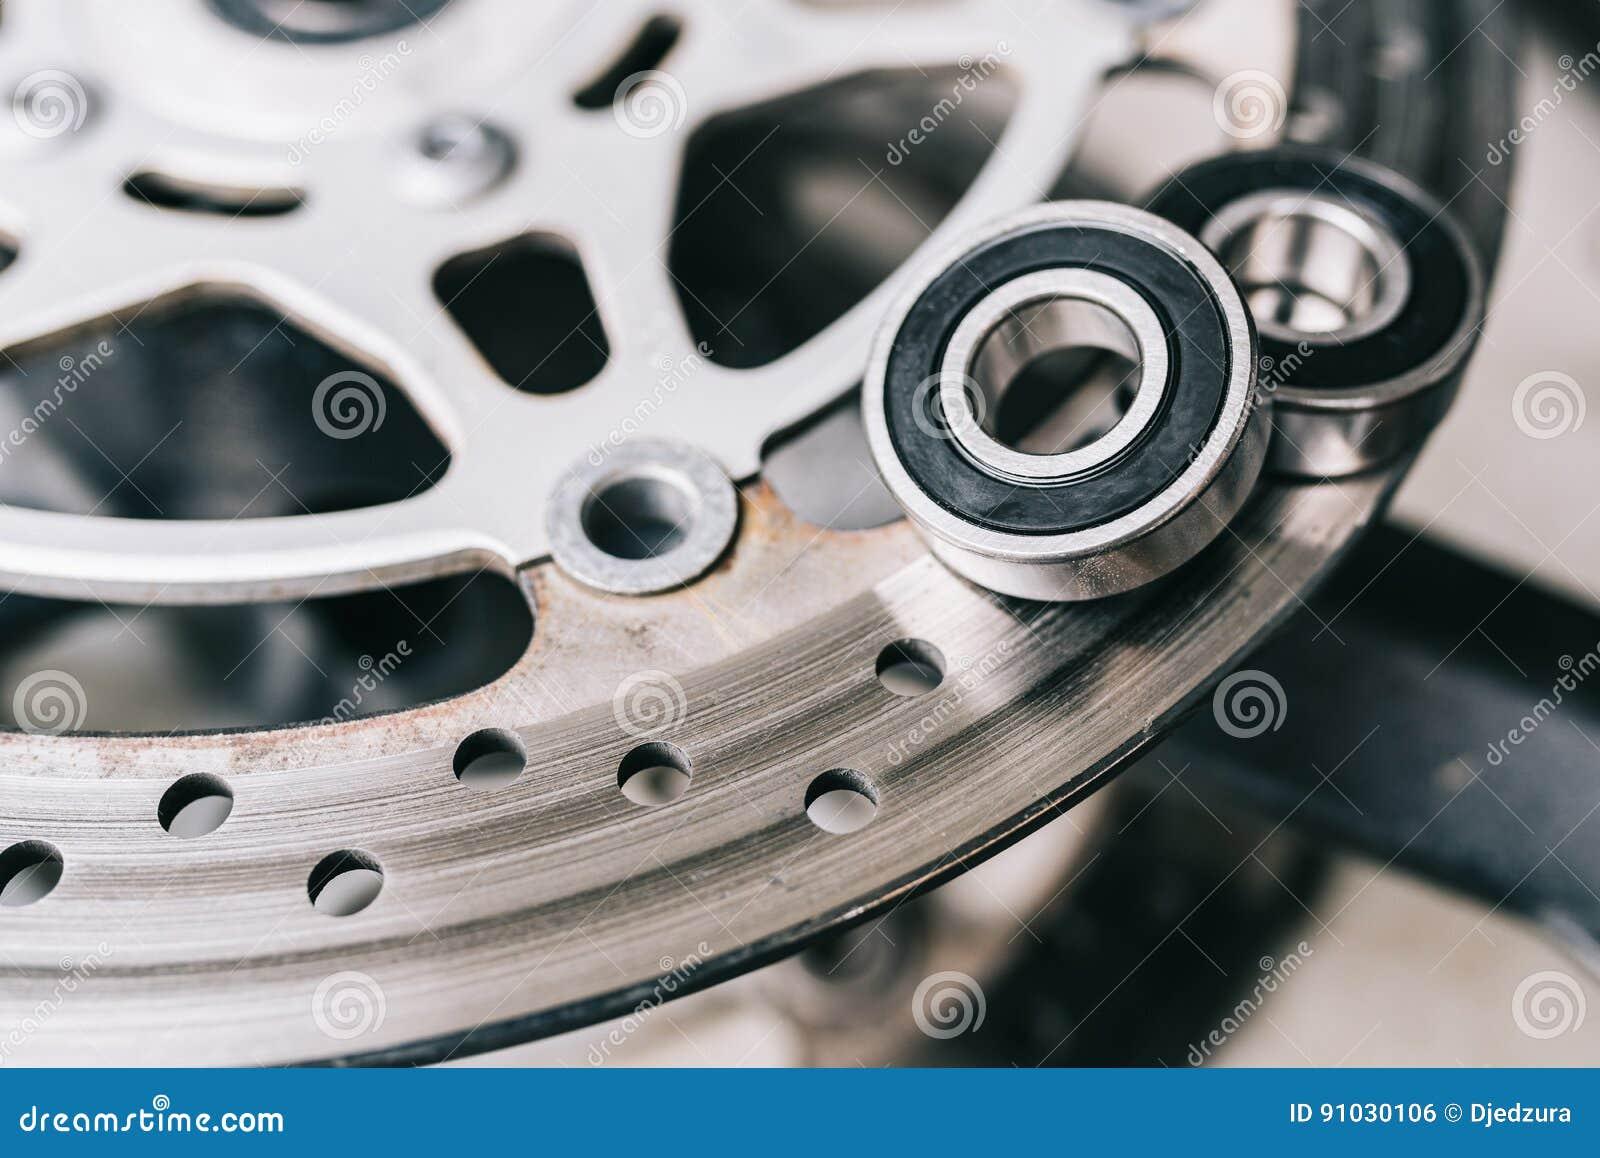 Bola de metal concerniente freno de disco de la motocicleta